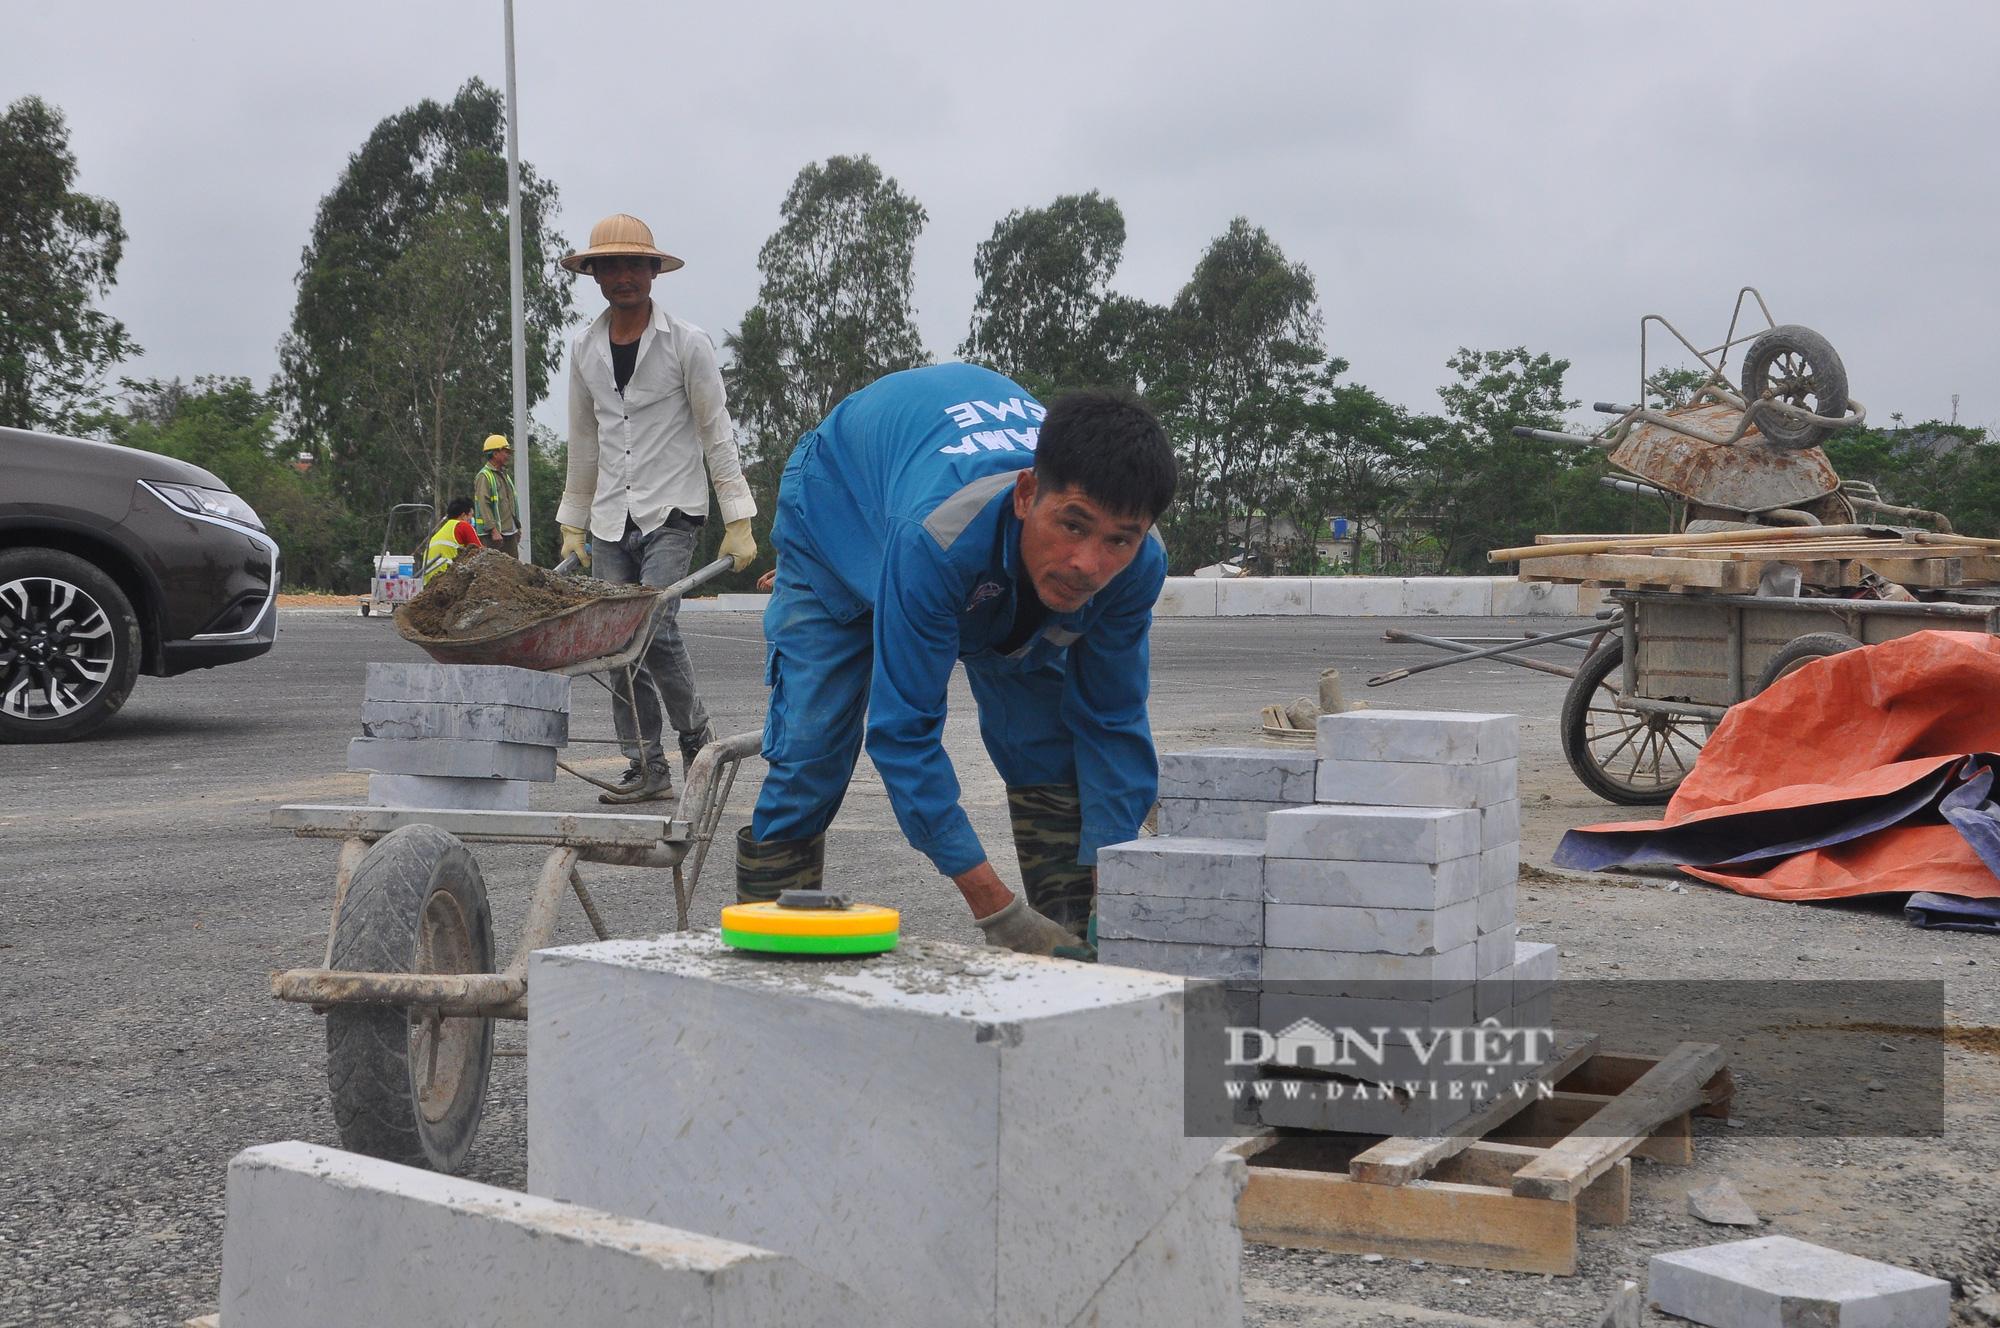 Cận cảnh dự án đường ven biển Nghi Sơn - Sầm Sơn có tổng mức đầu tư hơn 1.479 tỷ đồng trước ngày thông tuyến - Ảnh 5.